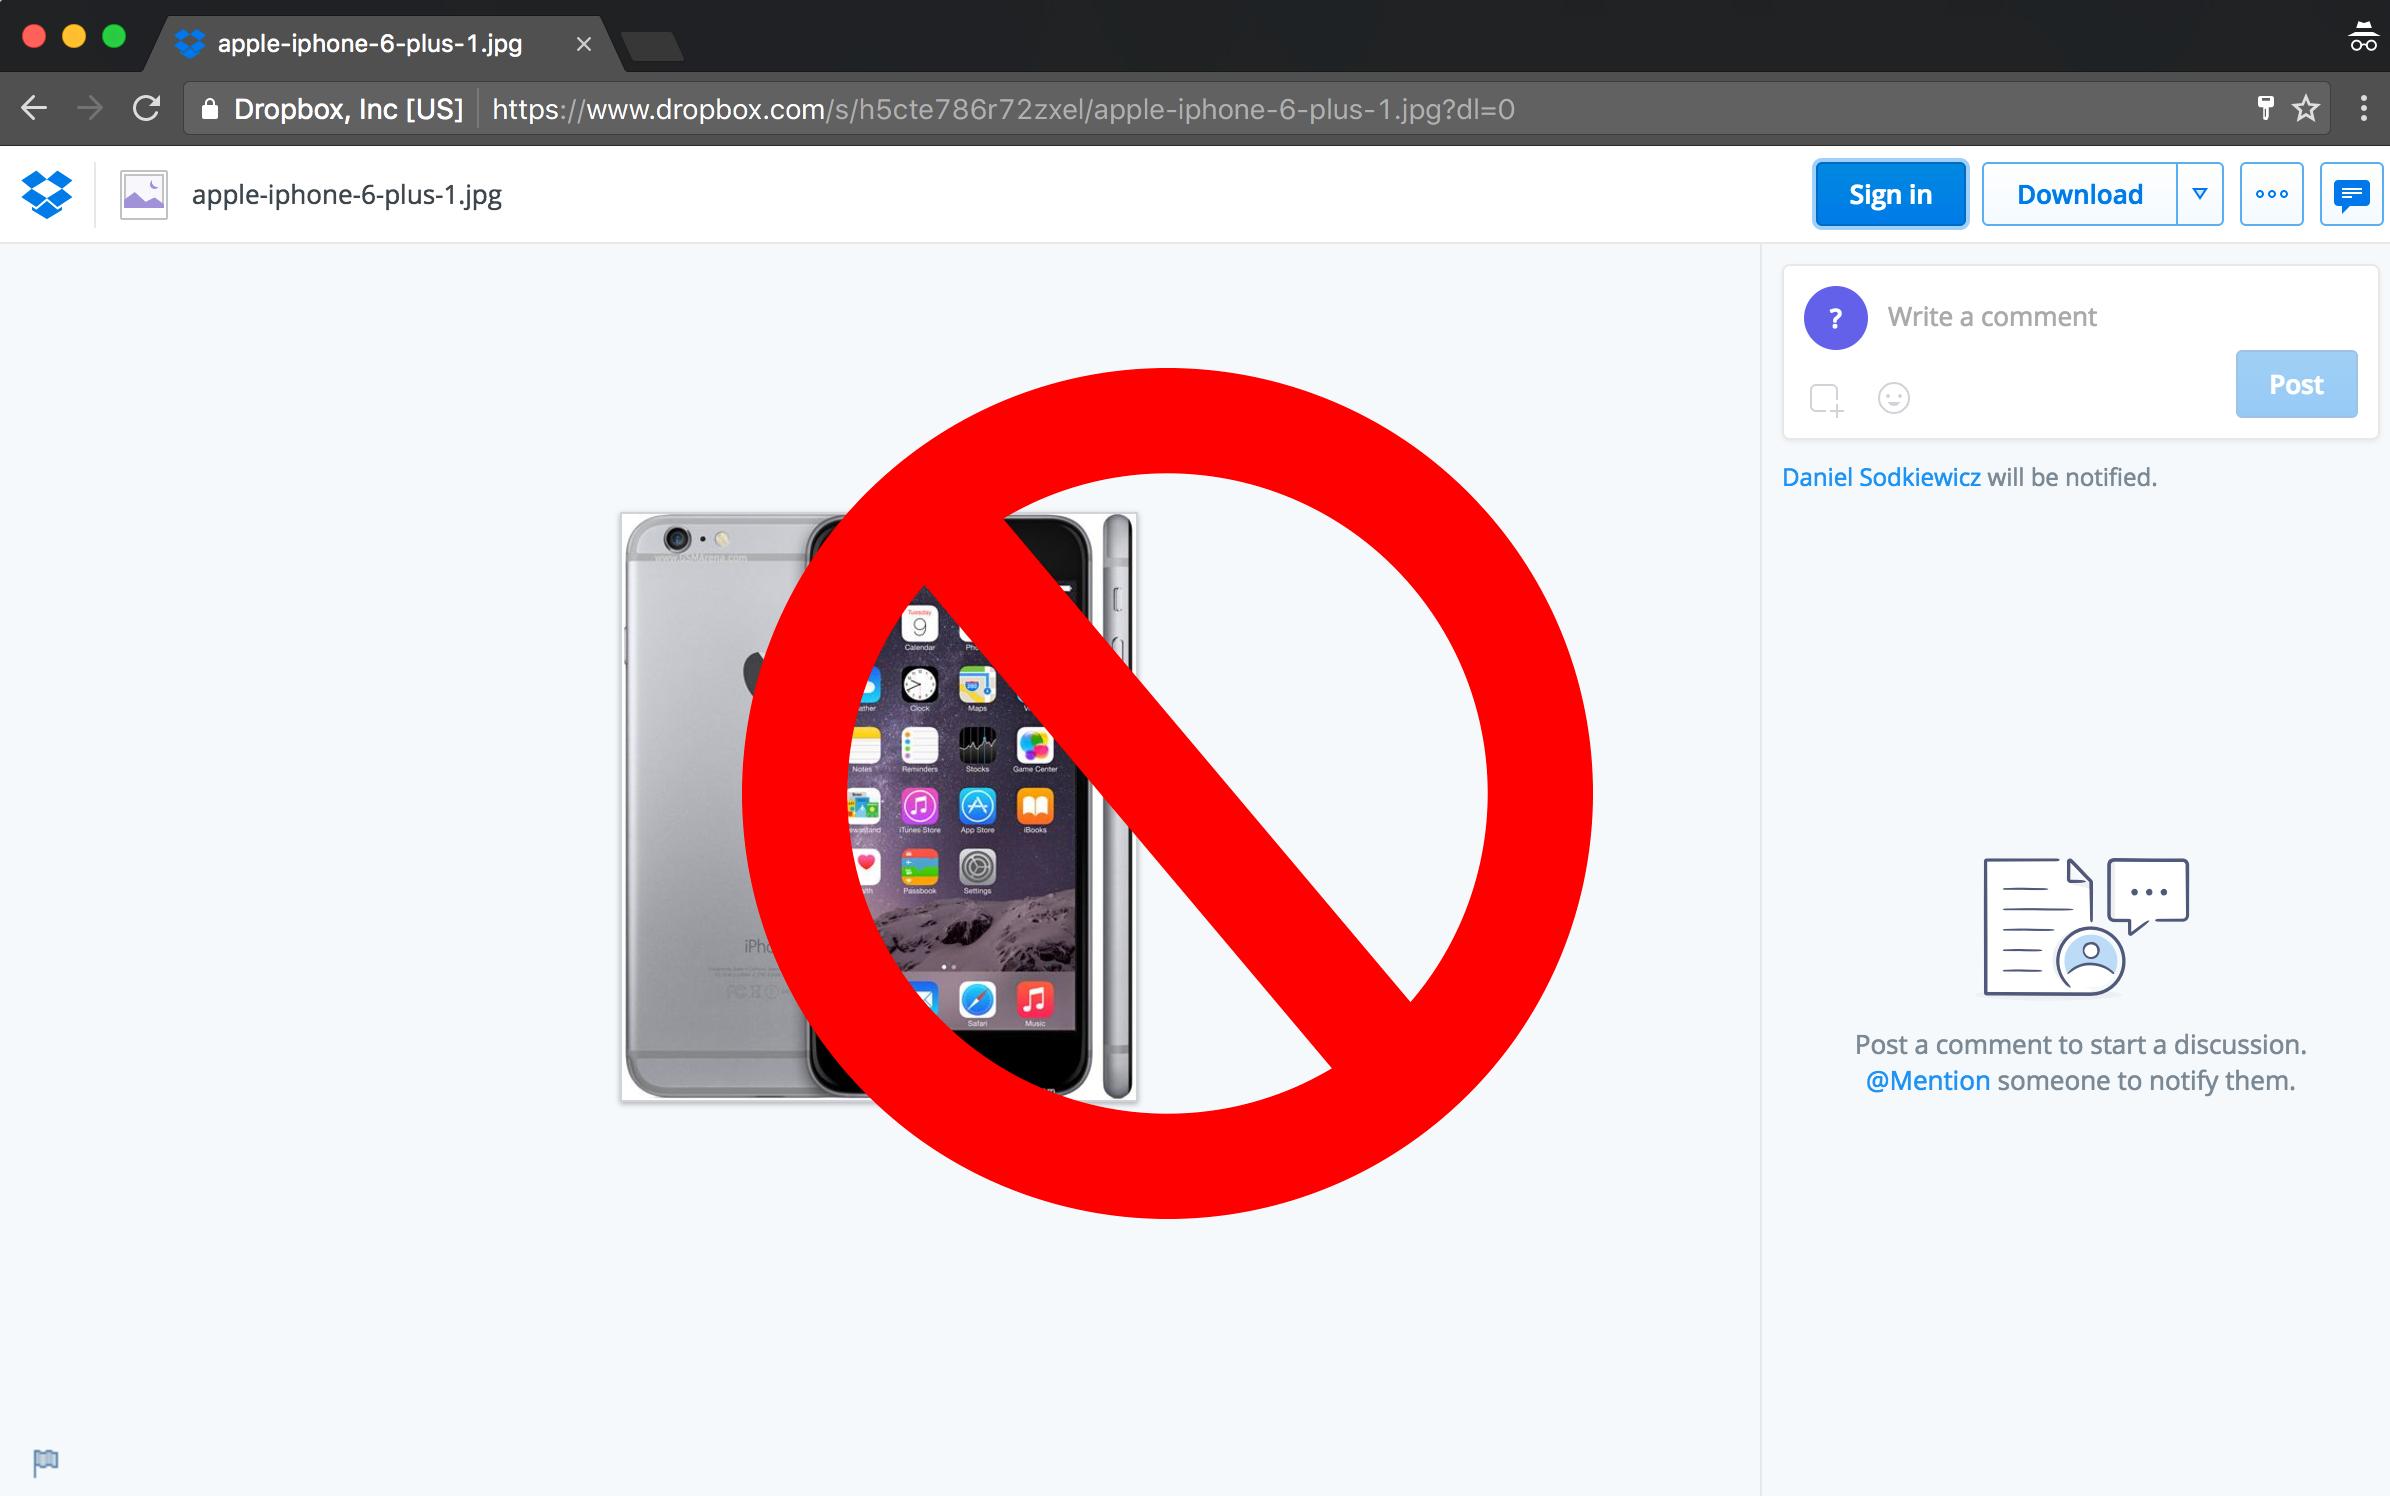 dropbox link download iphone